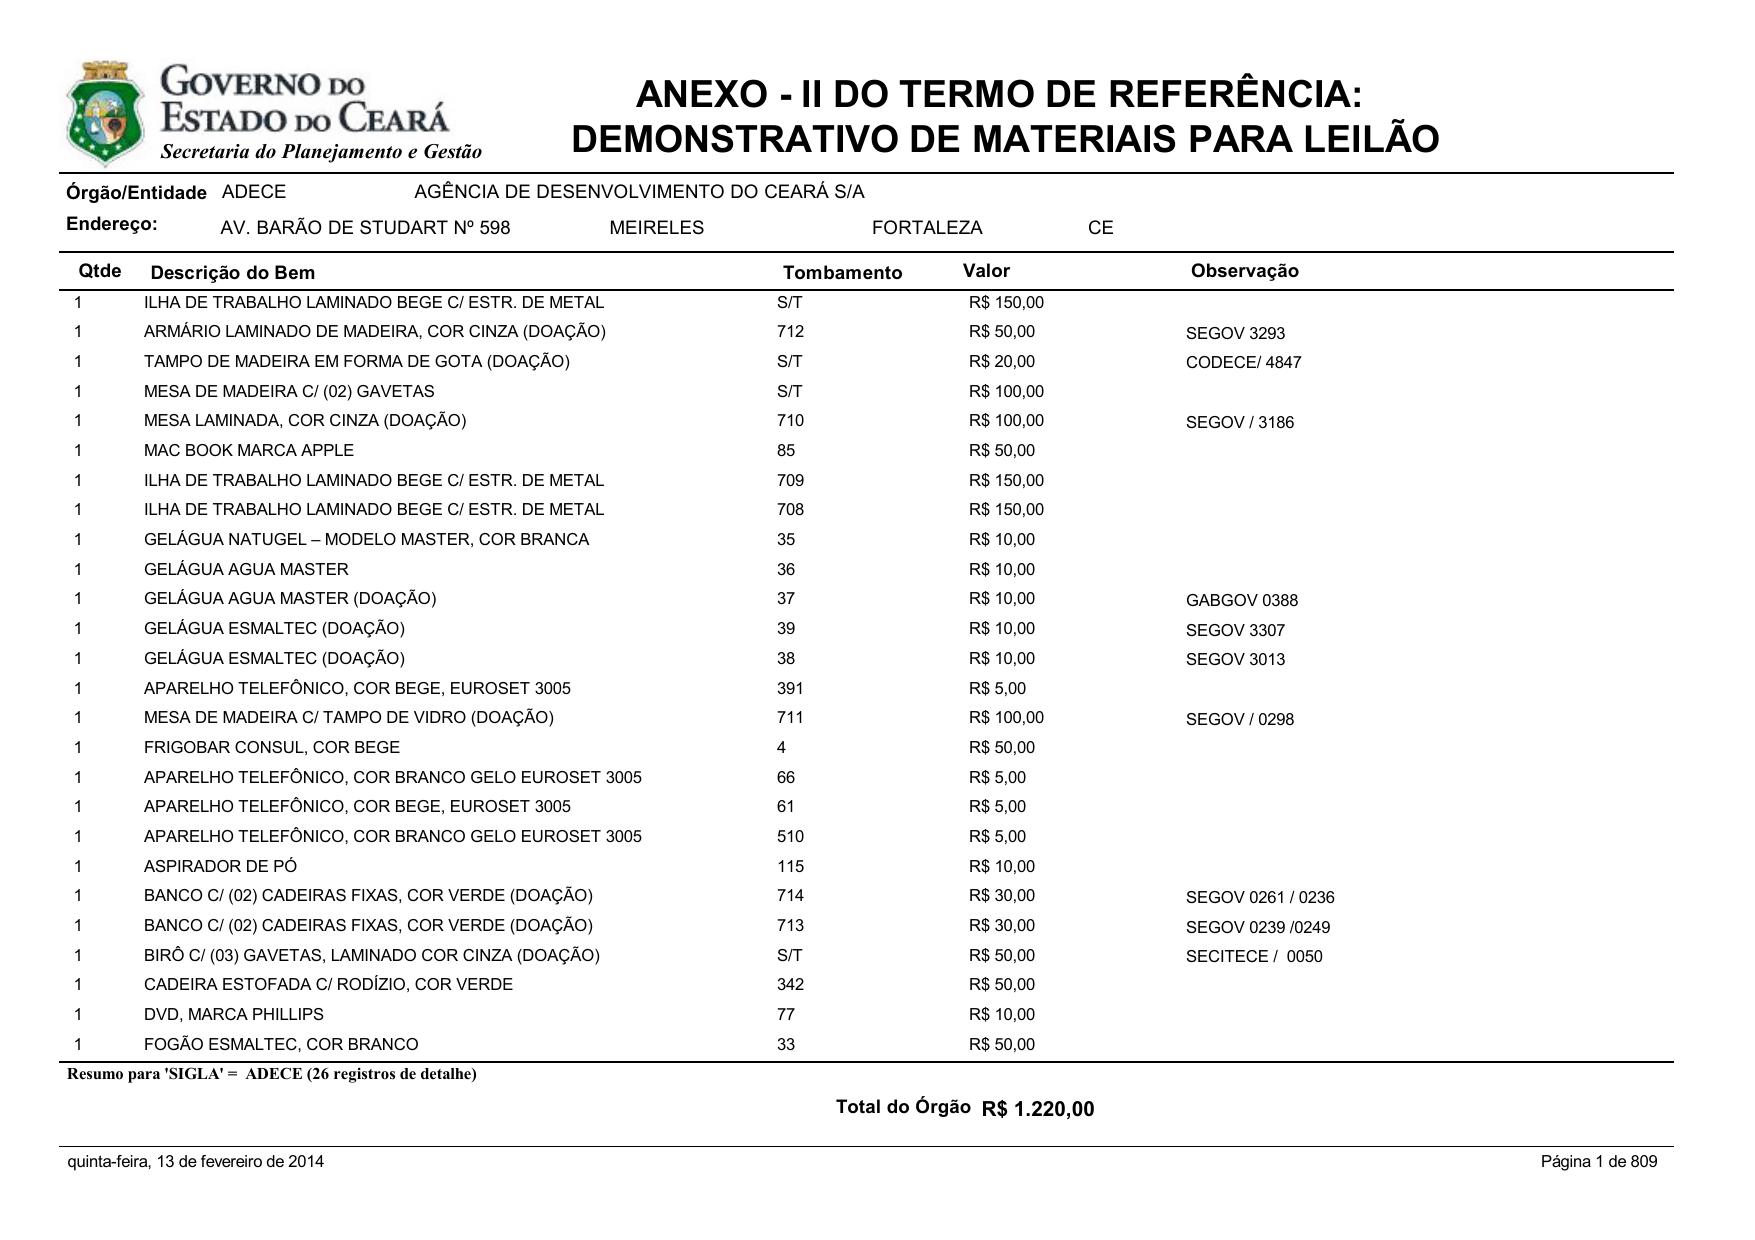 64774f49d176 ANEXO II RELAÇÃO DE MATERIAIS PARA LEILÃO   manualzz.com